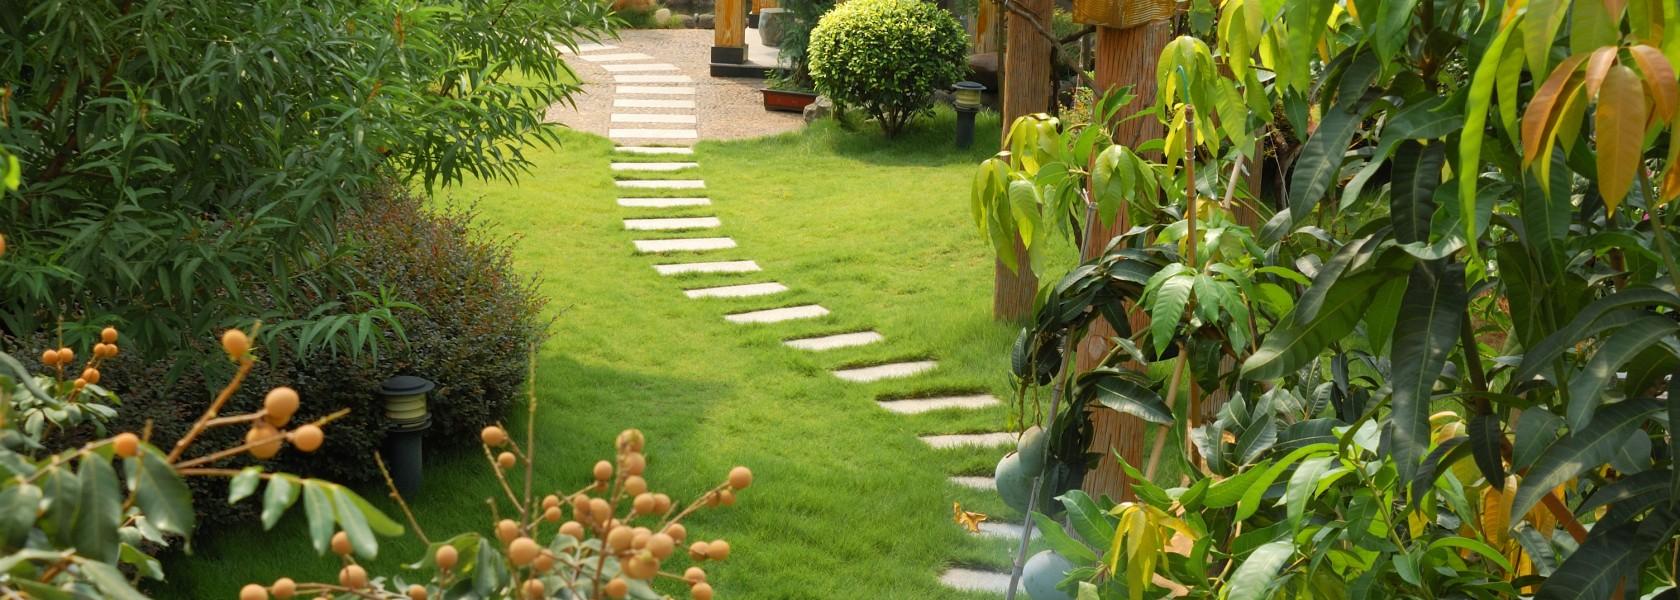 Hoveniersbedrijf van Dam woerden tuin voorbeeld